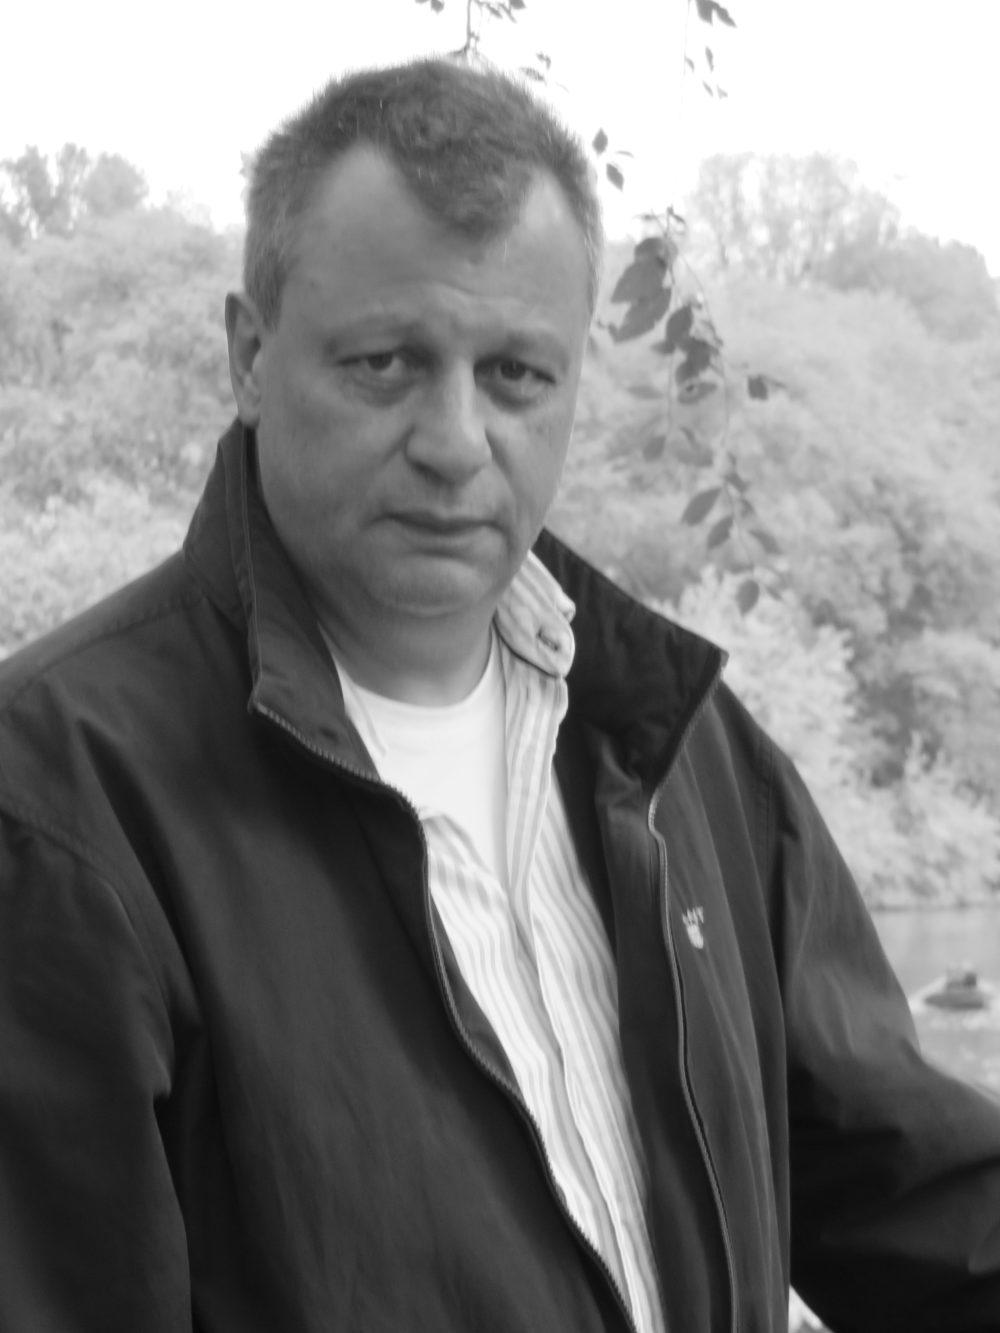 Samir Girgis